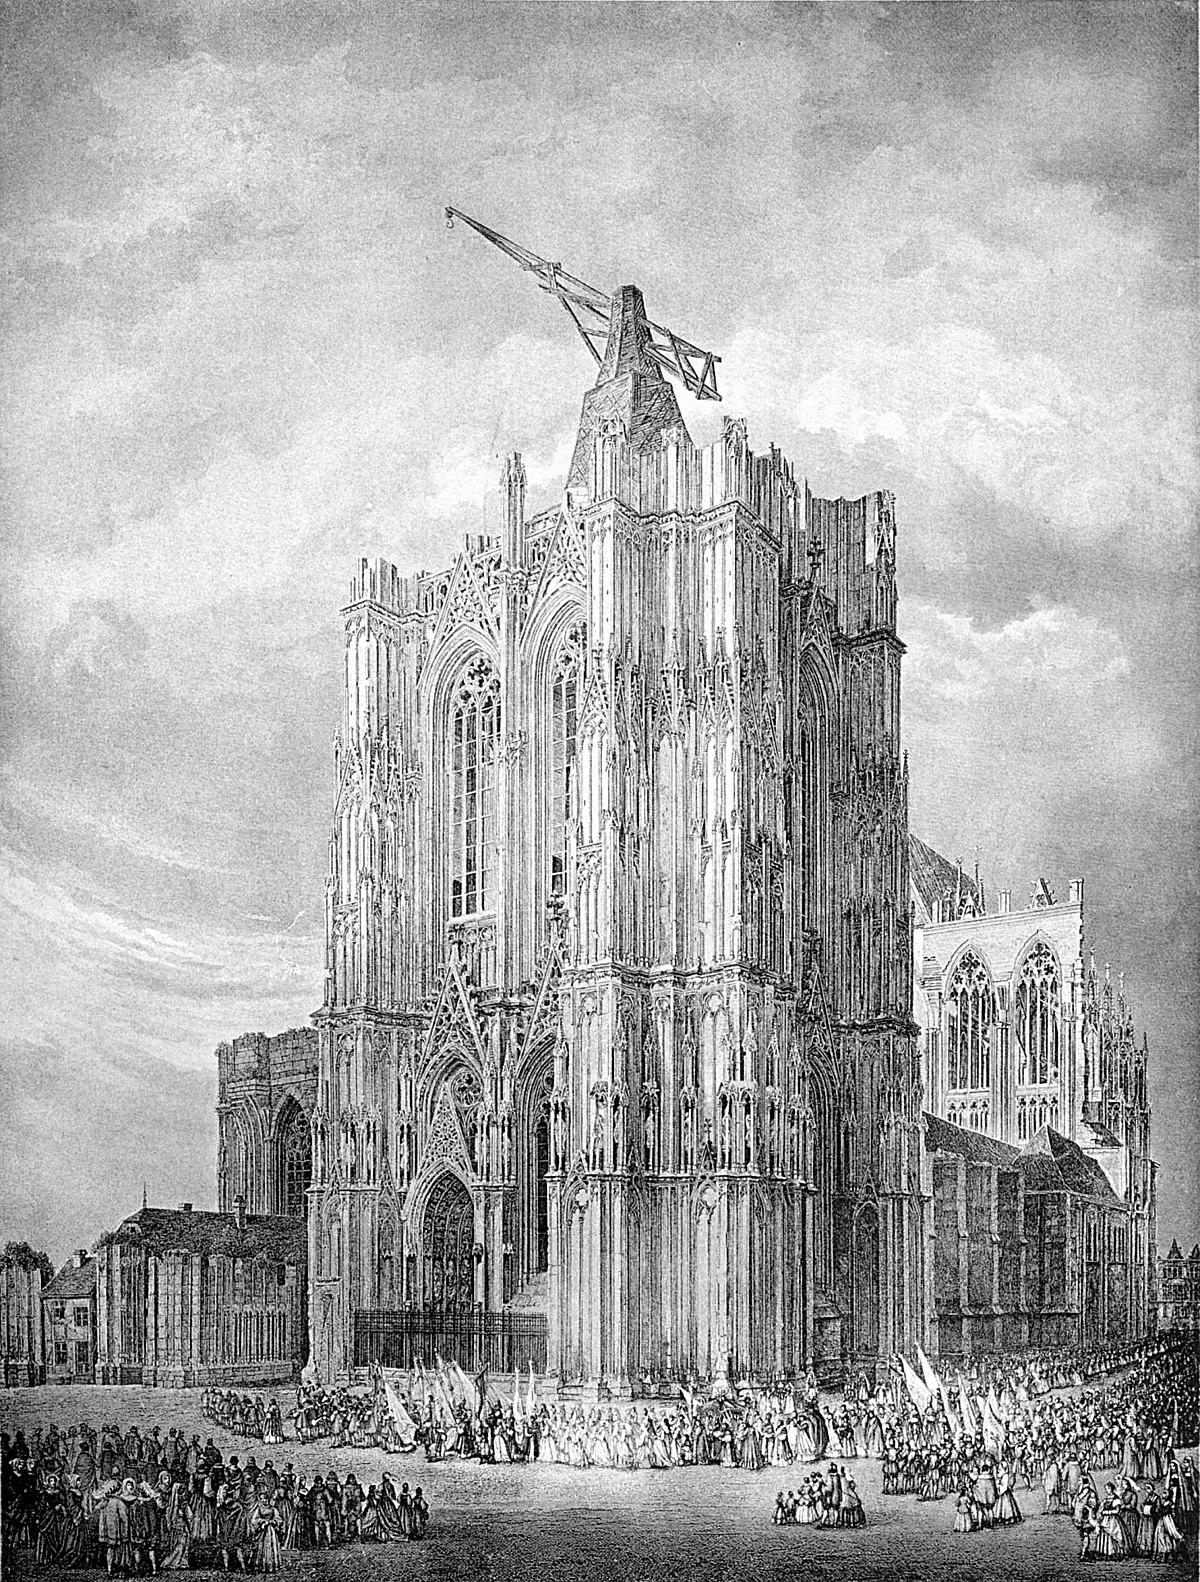 Hasak - Der Dom zu Köln - Bild 17 1824.jpg